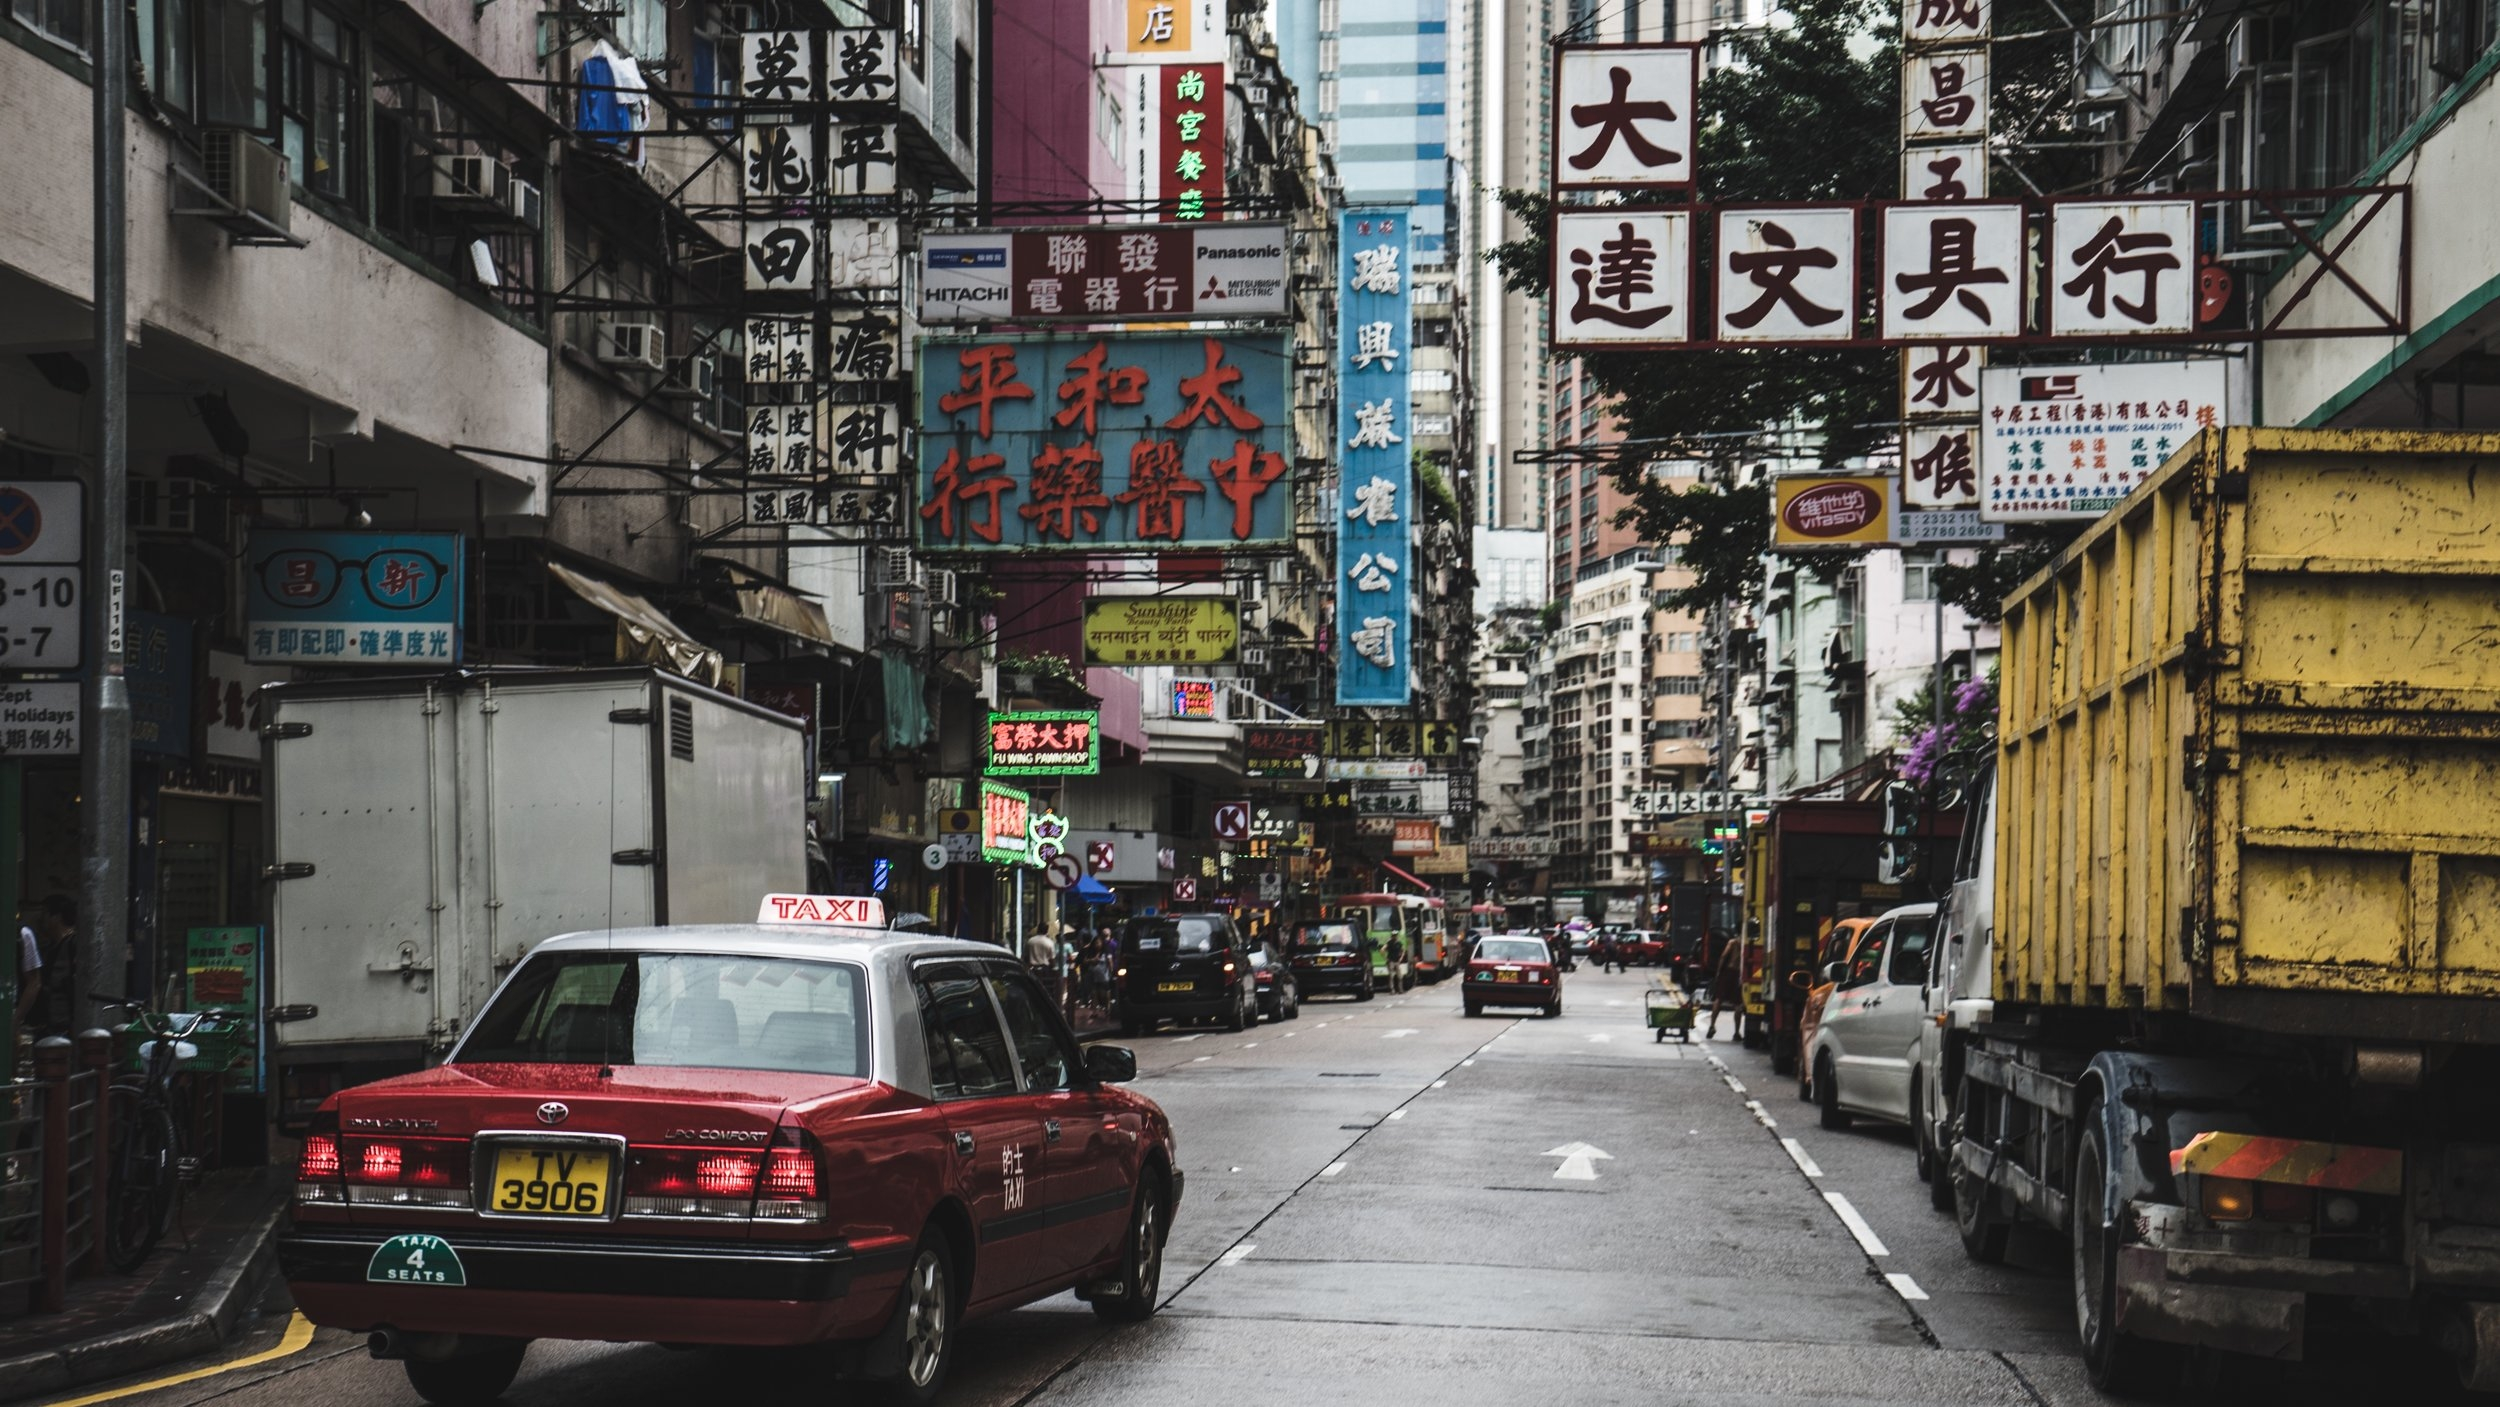 Kina kaos.jpg